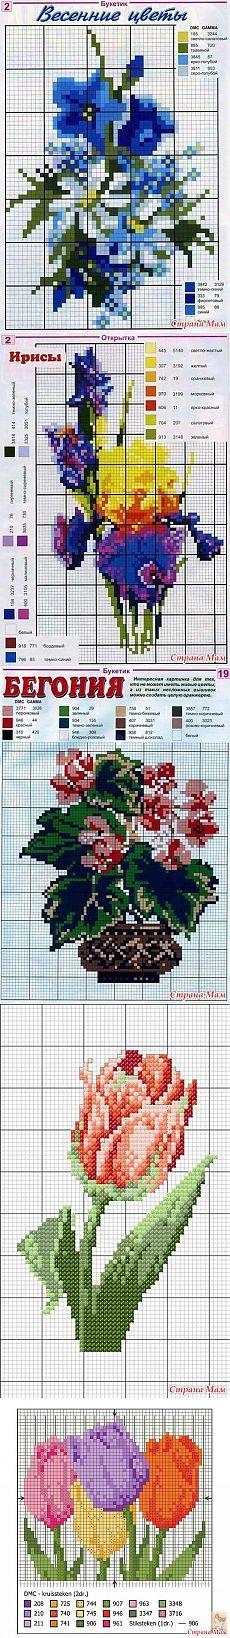 Flower kruissteek - Handwerken Club - Country Mom